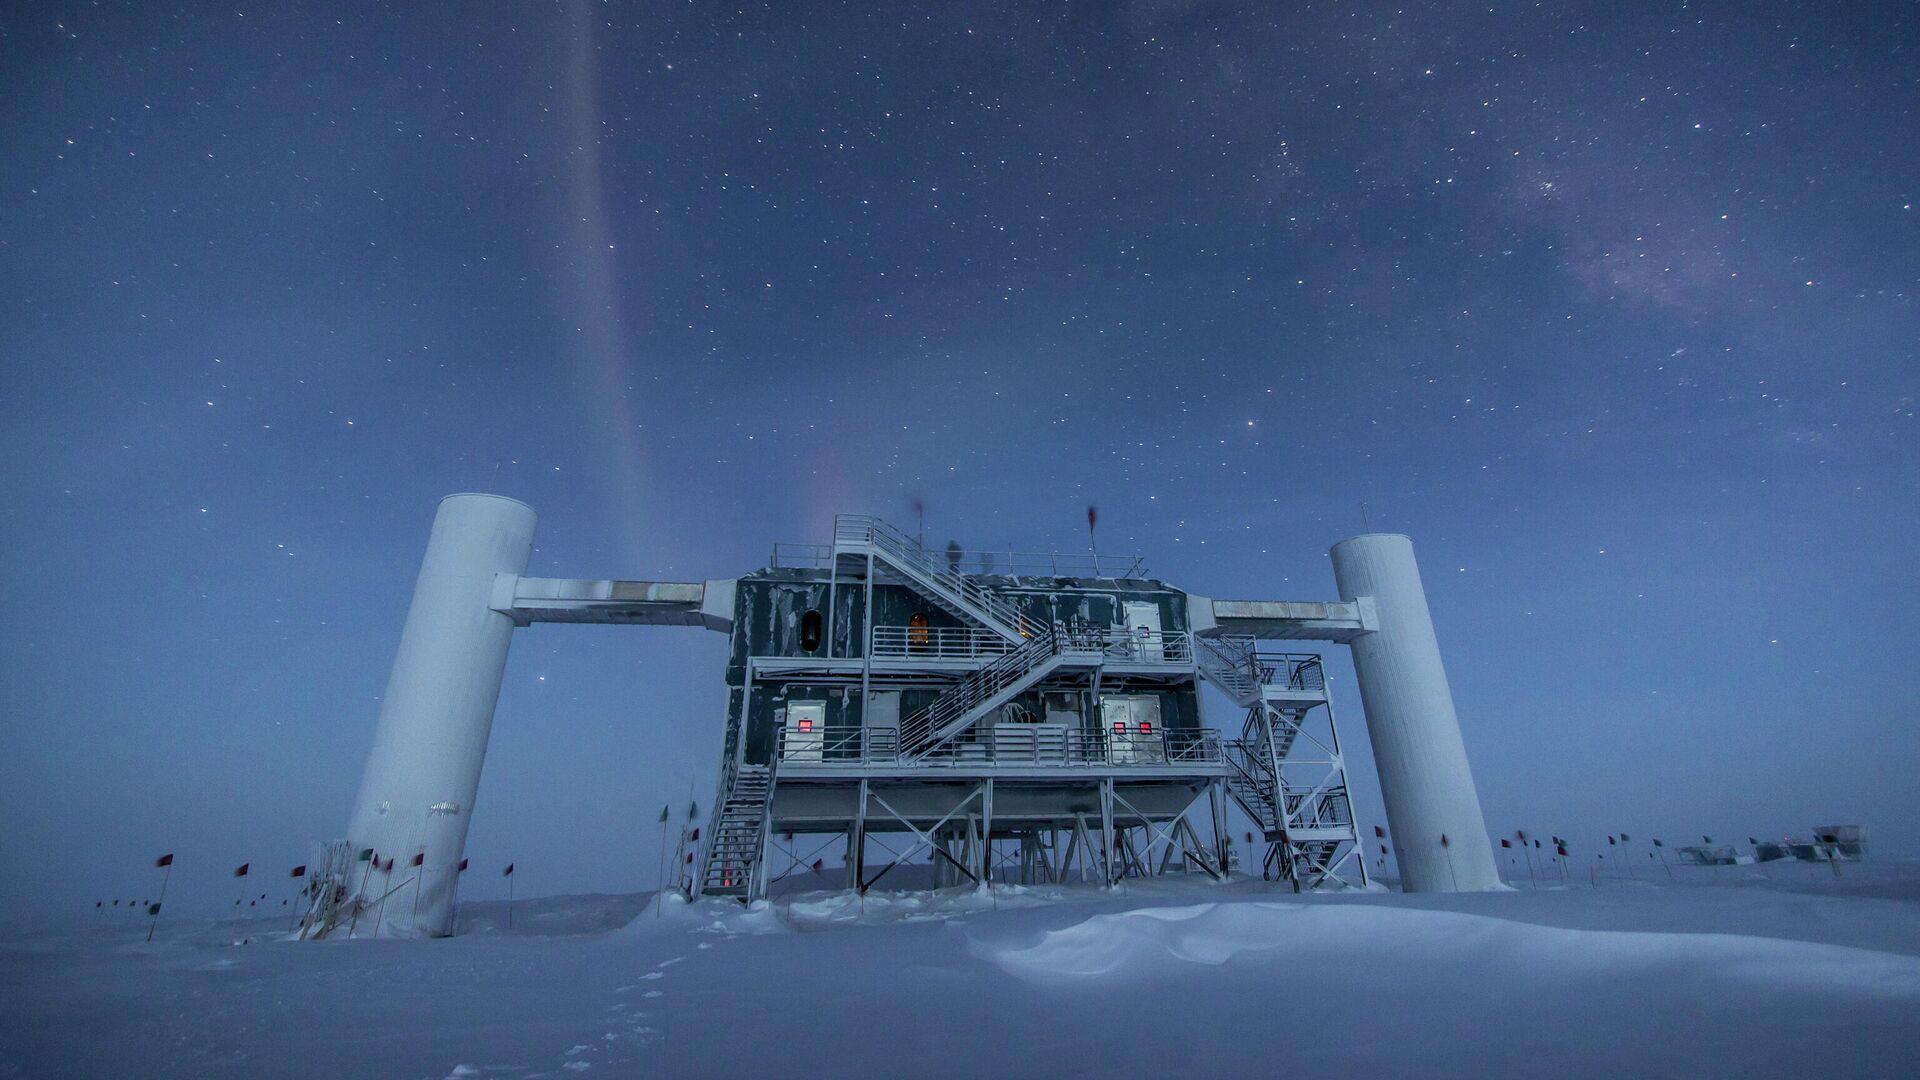 Подледная нейтринная обсерватория IceCube в Антарктиде - РИА Новости, 1920, 20.02.2021